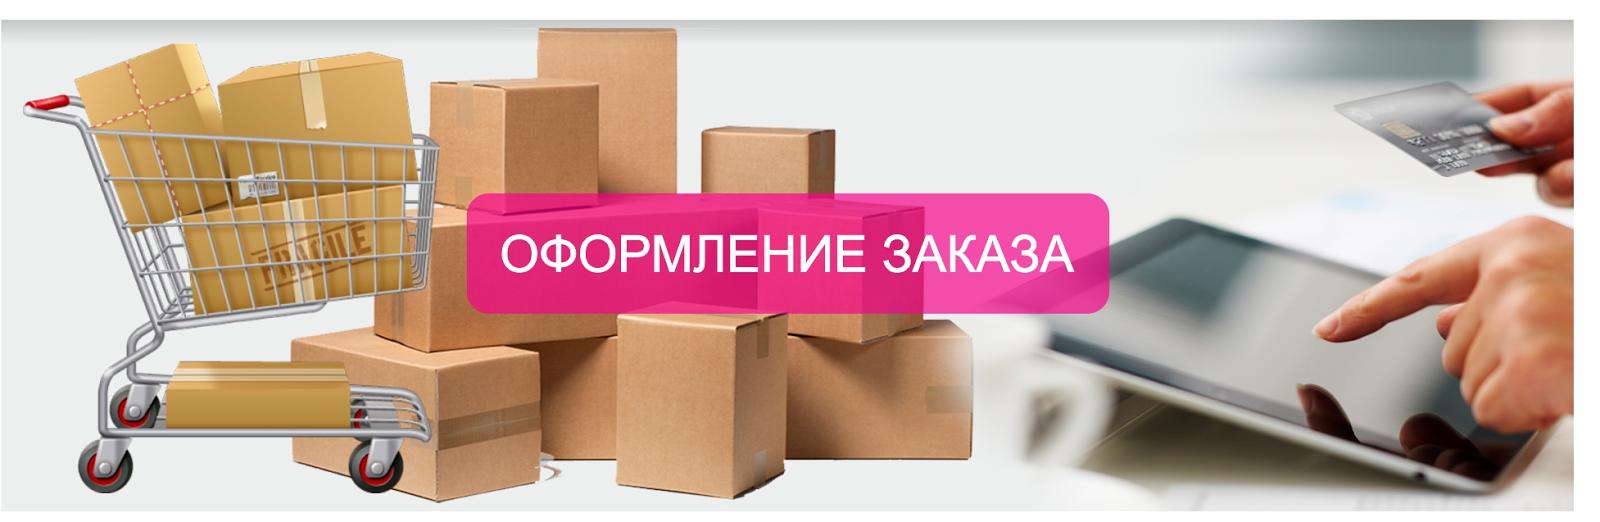 Интернет магазин сайт сделать заказ лучший сервис по продвижению сайтов